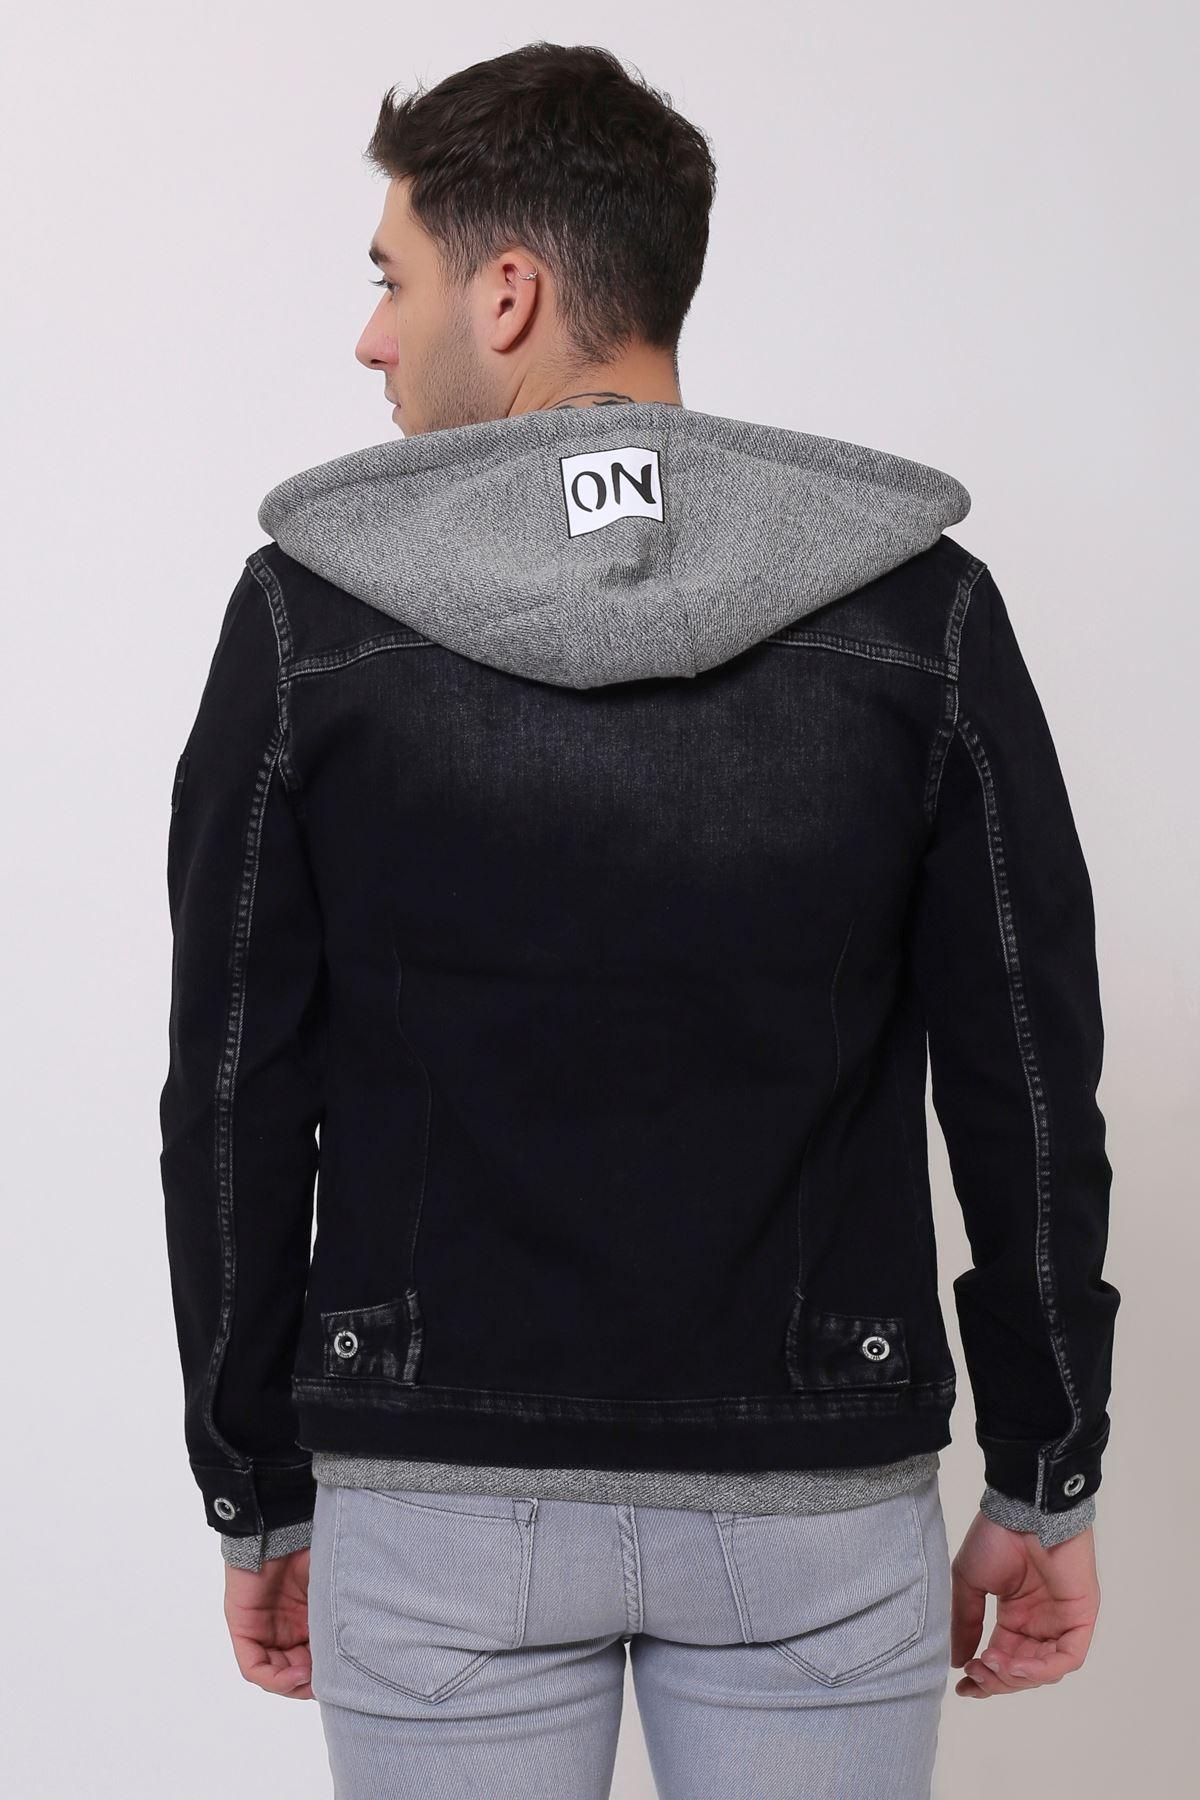 Kapüşonlu Erkek Siyah Kot Ceket Baskı Detay